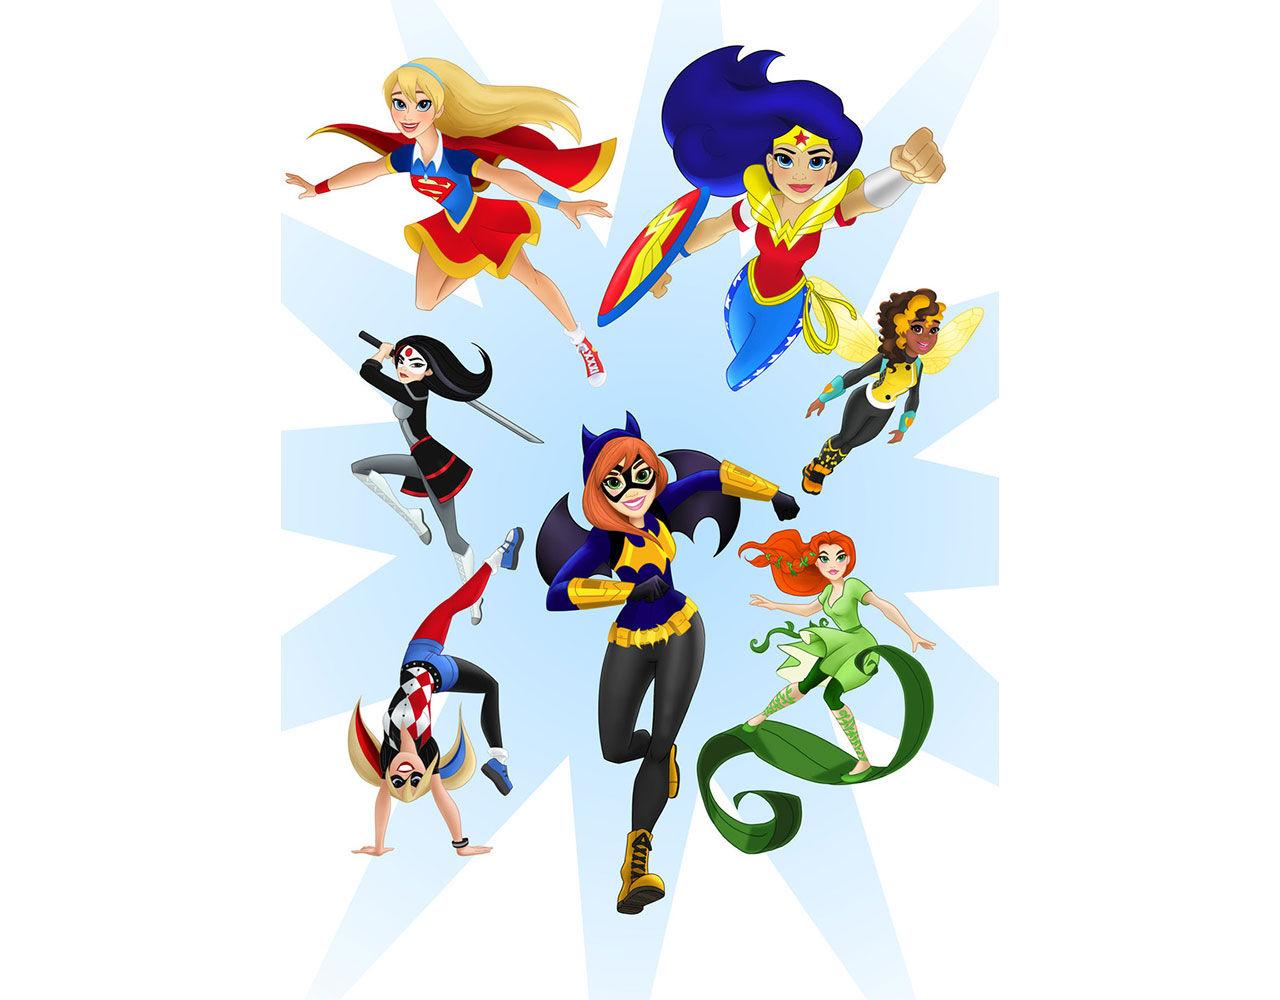 Kvinnliga superhjältar designas om för att tilltala flickor